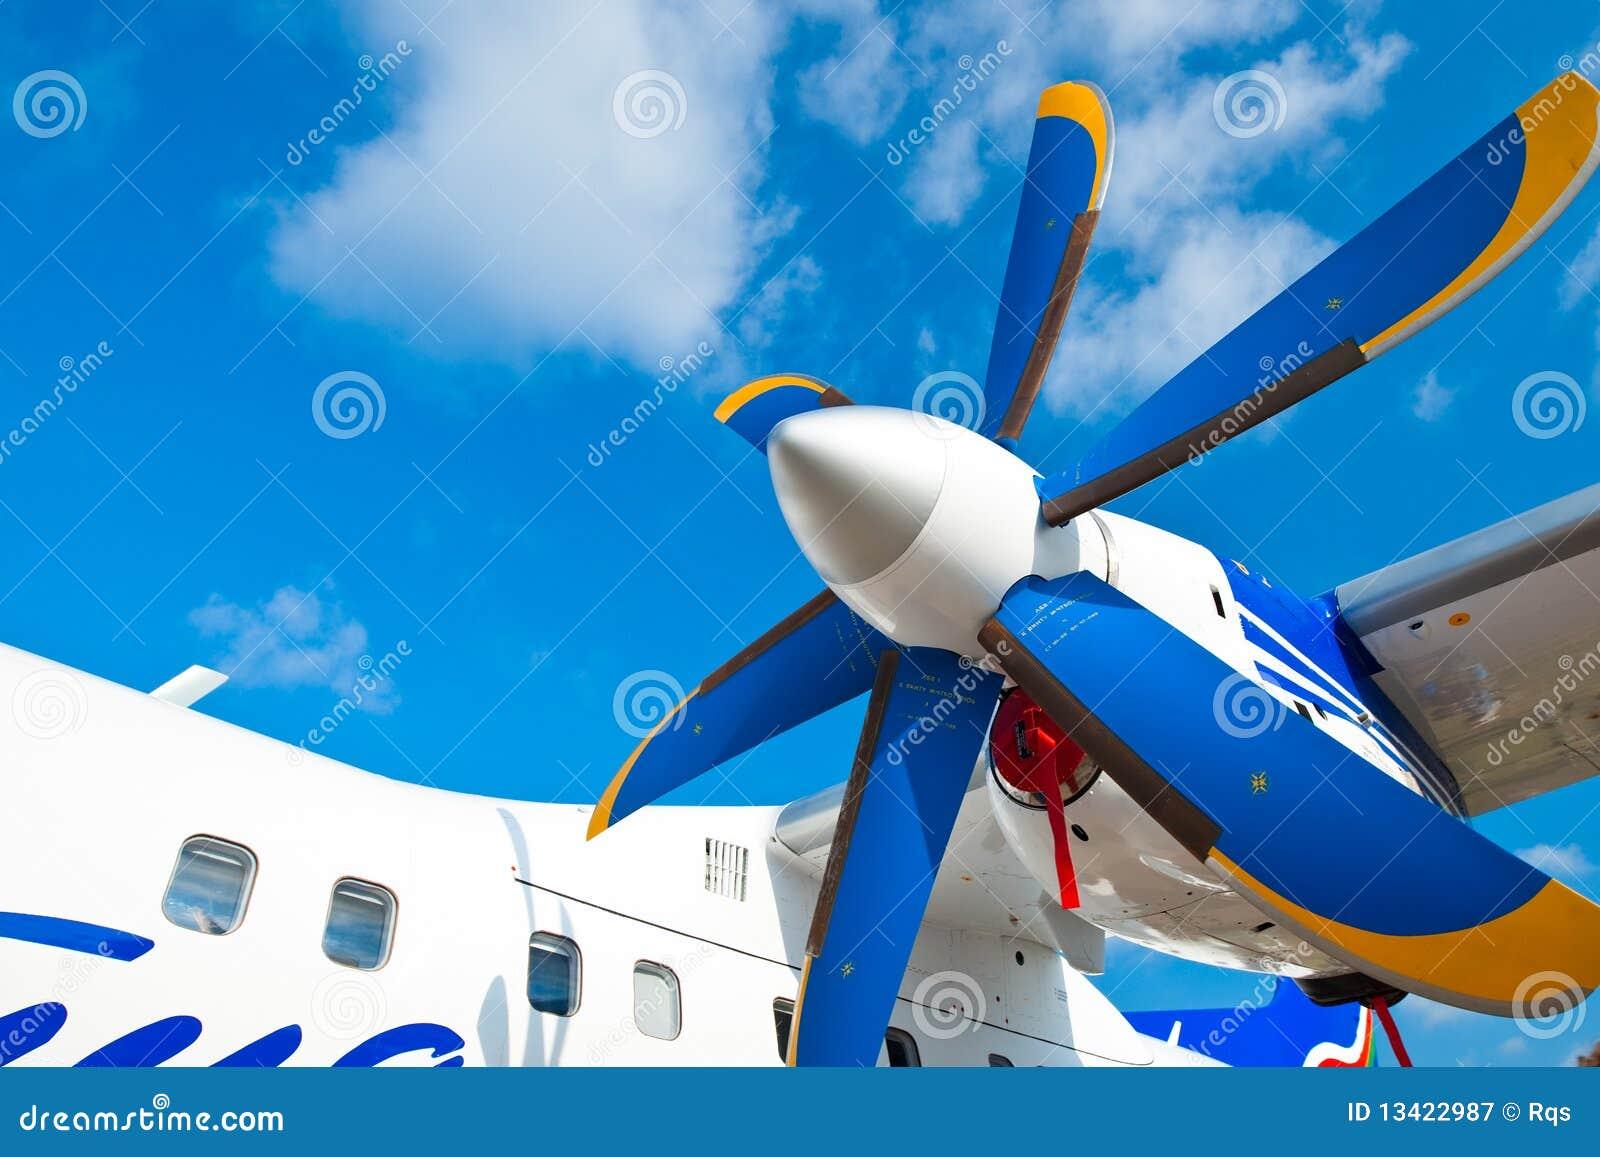 Blue Sky Motors >> Black Wings Of An Airplane Motor In Blue Sky Stock Image